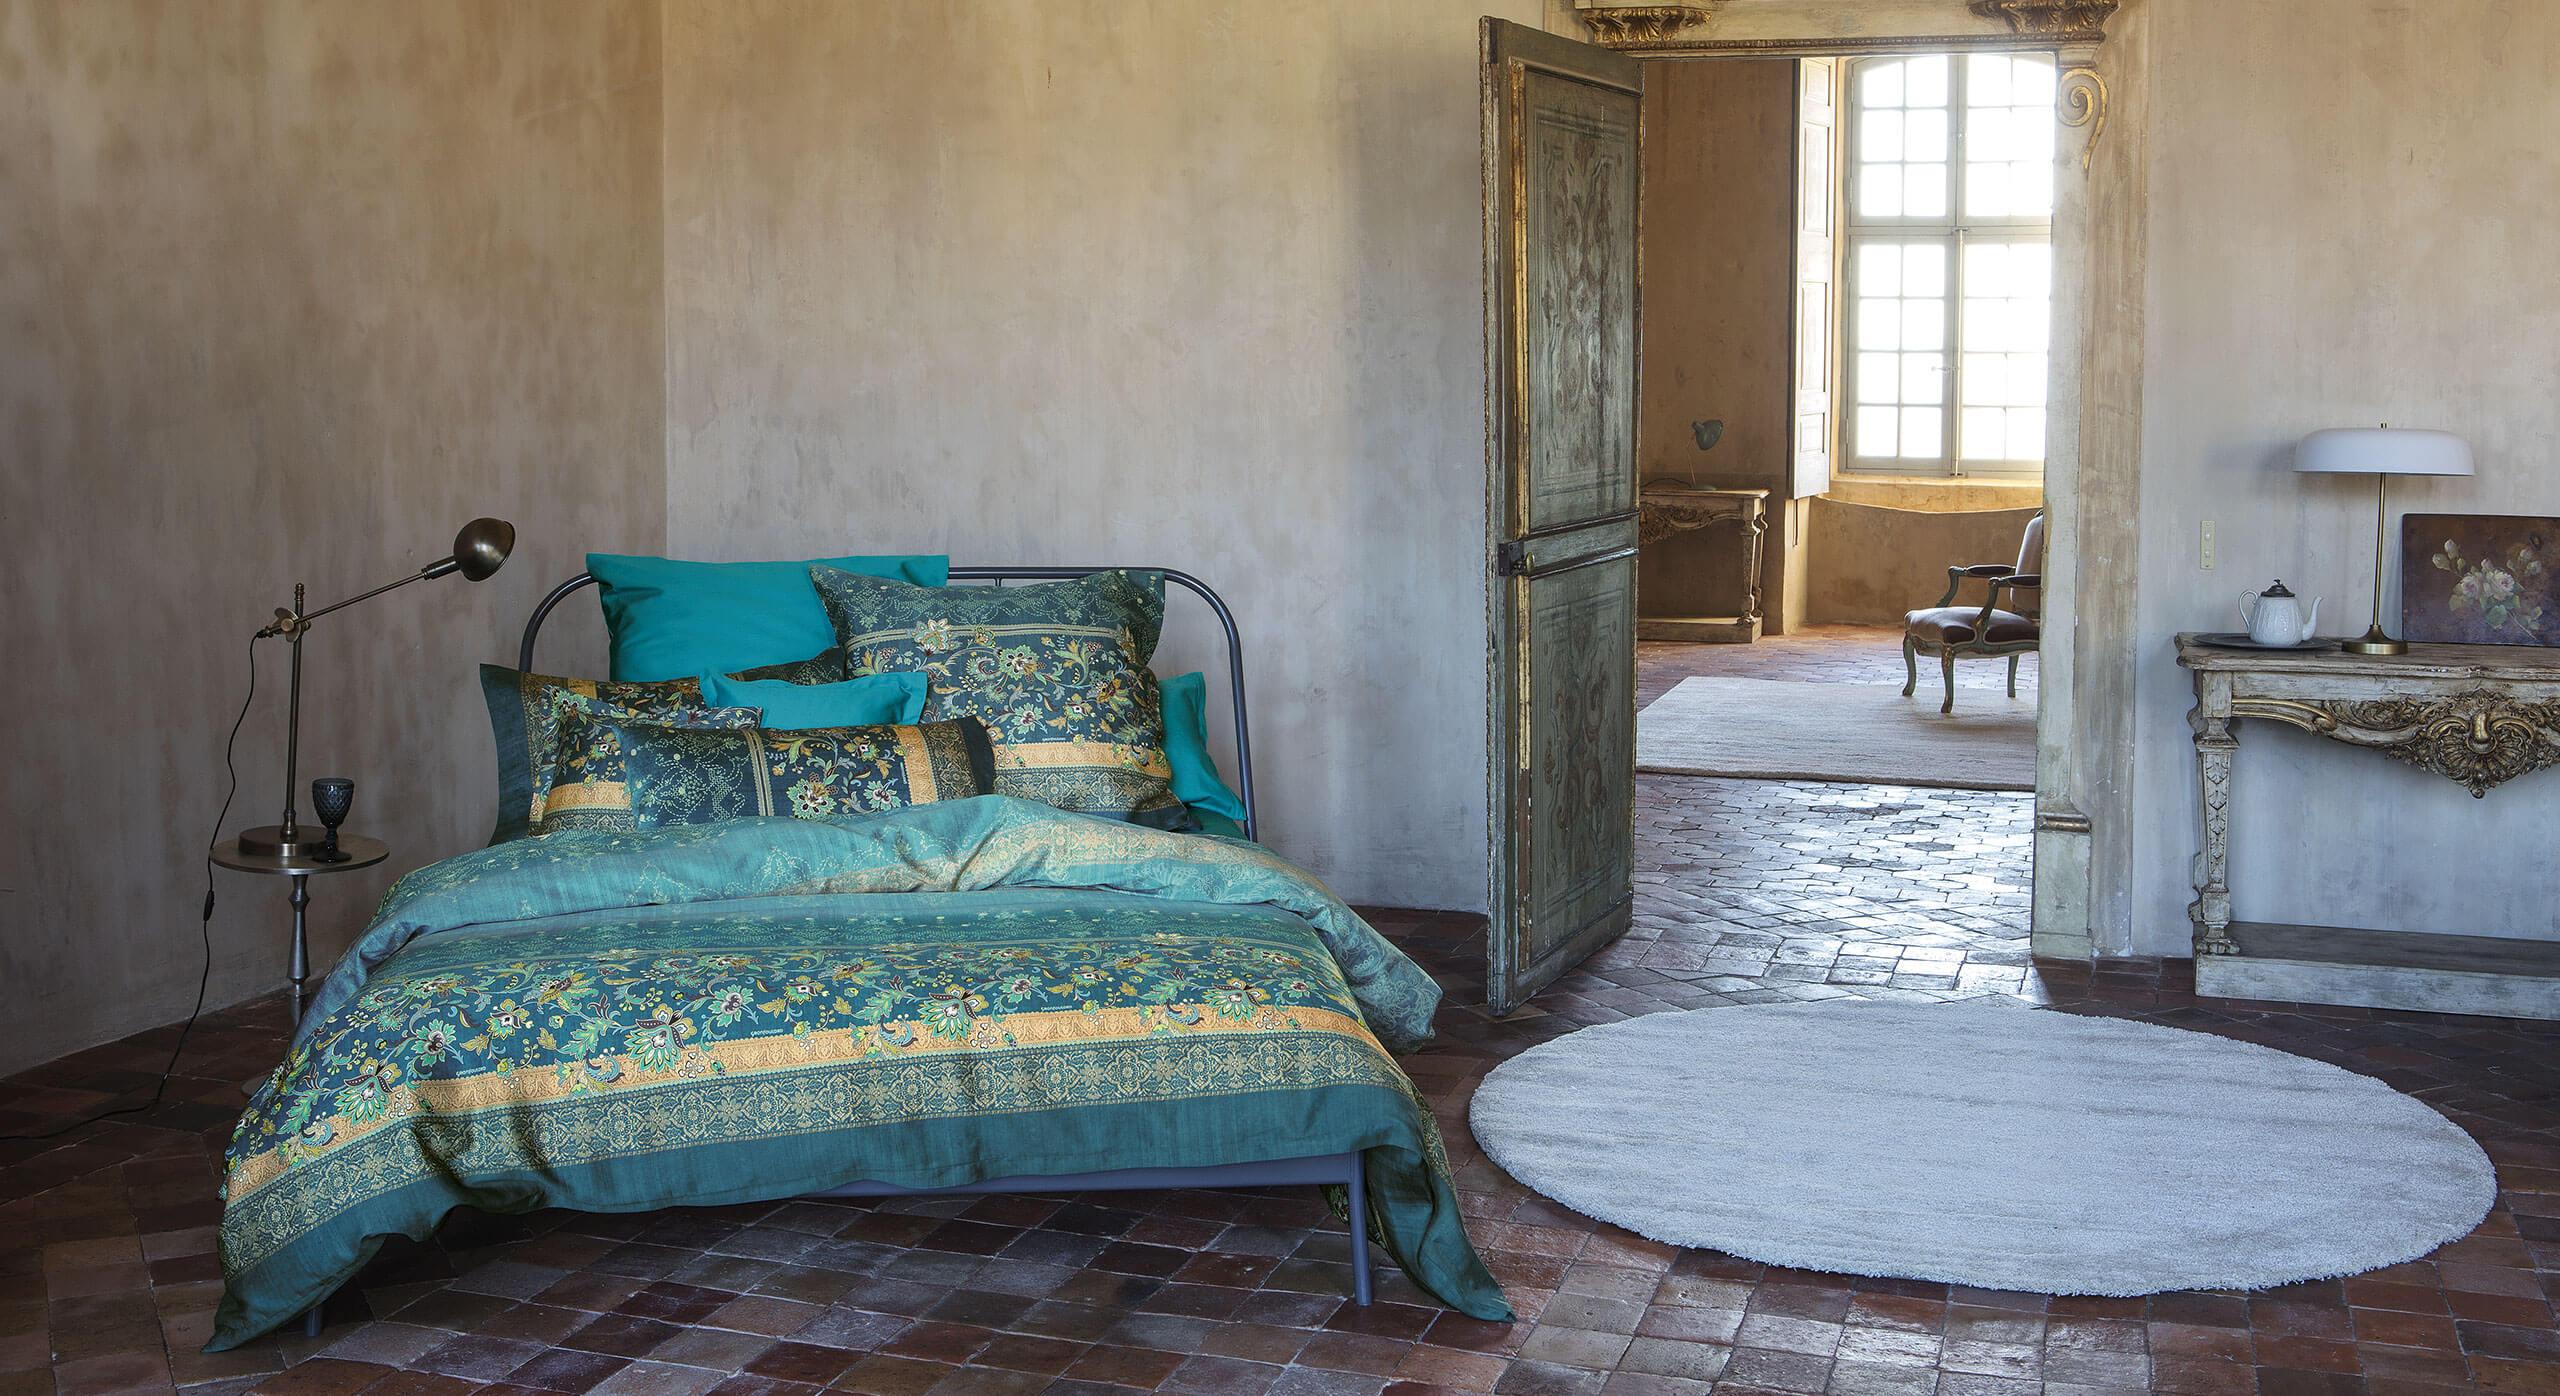 Stiegeler Schlafkomfort Schlafzimmer